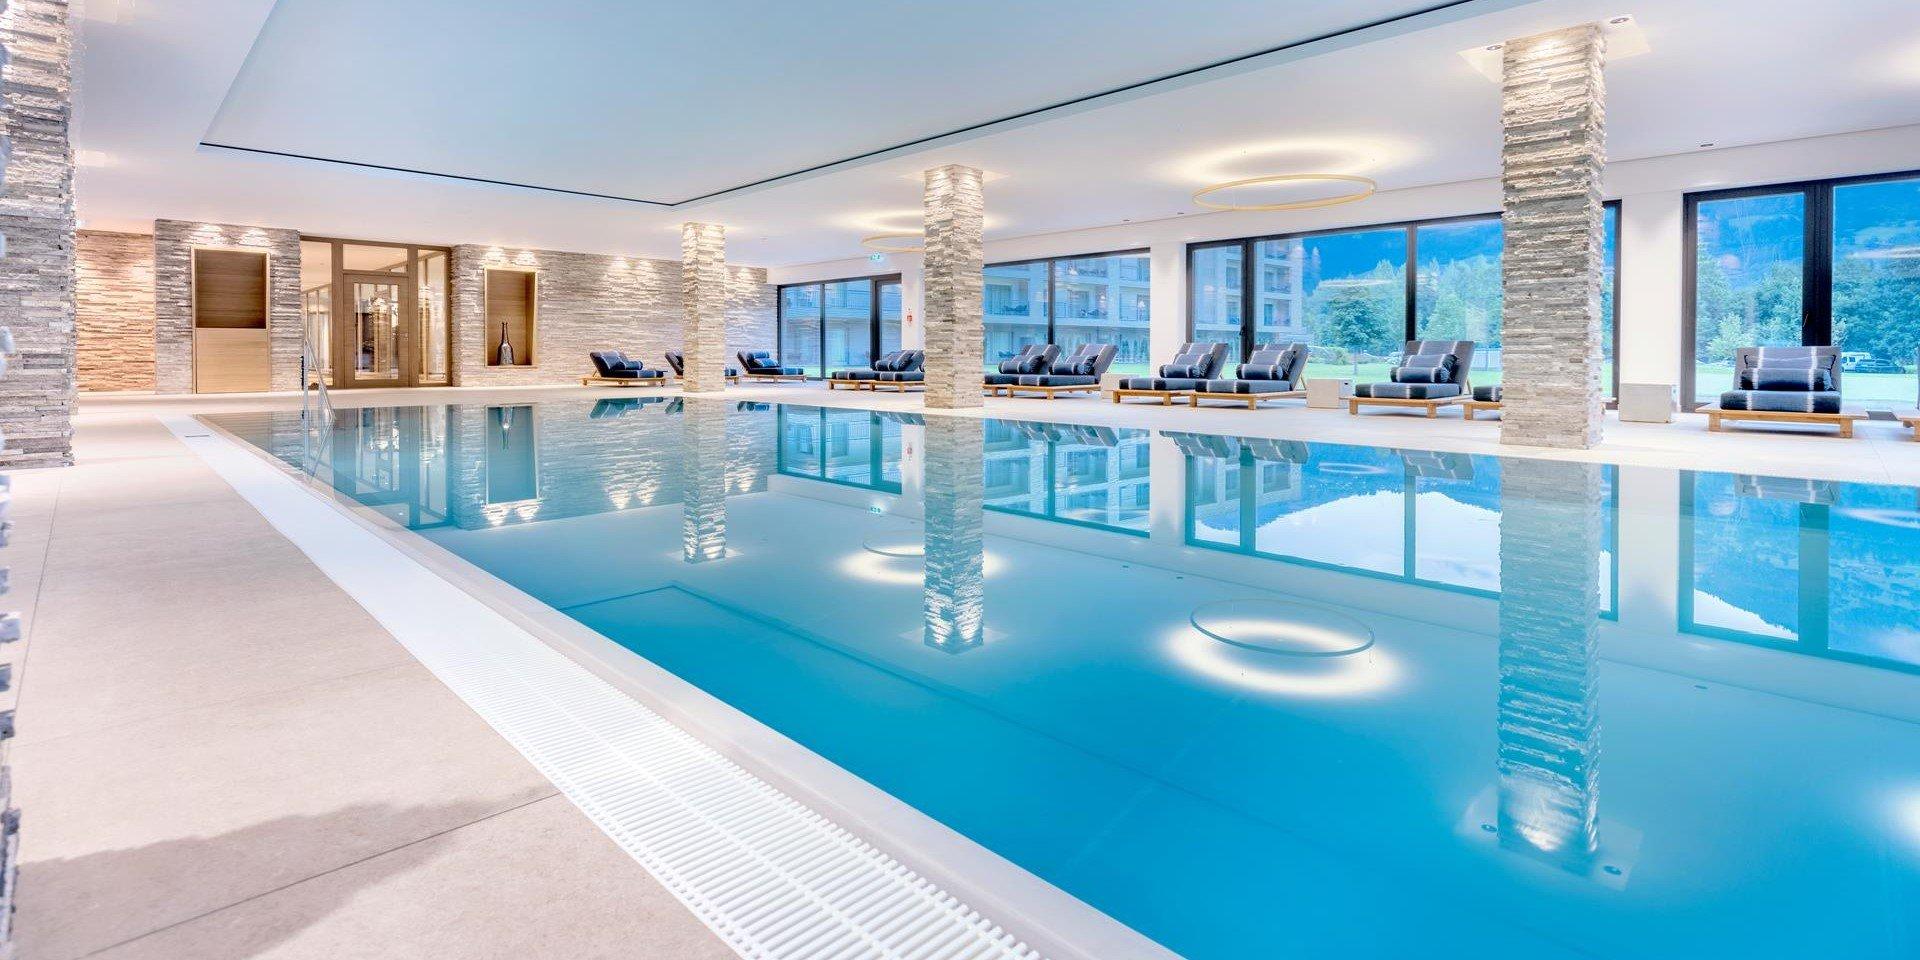 Hallenbad des Dolomitengolf Suites in Lavant Wasserfläche